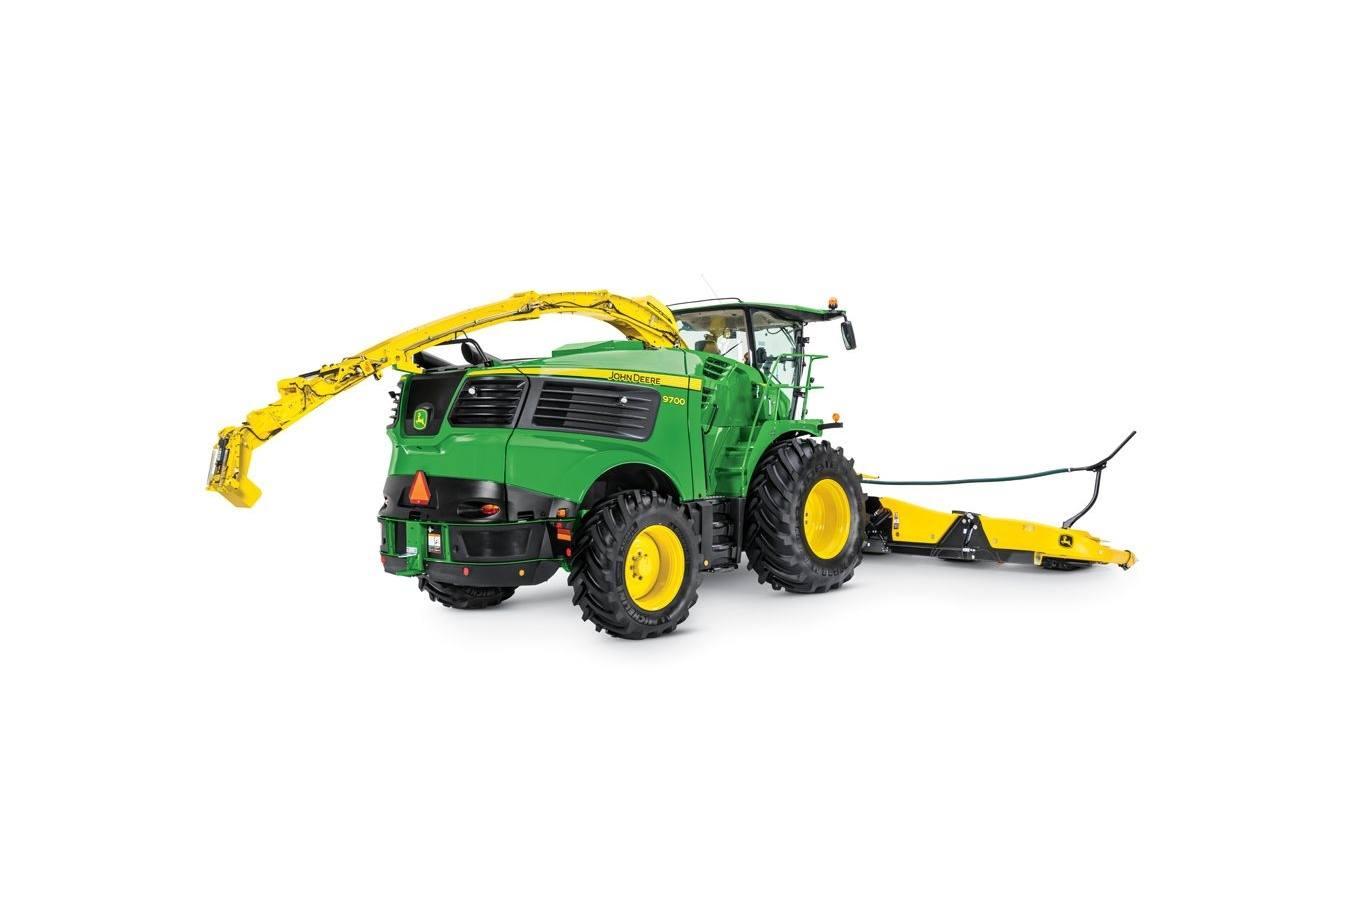 2019 John Deere 9700 for sale in Bridgeport, OH  Bridgeport Equipment